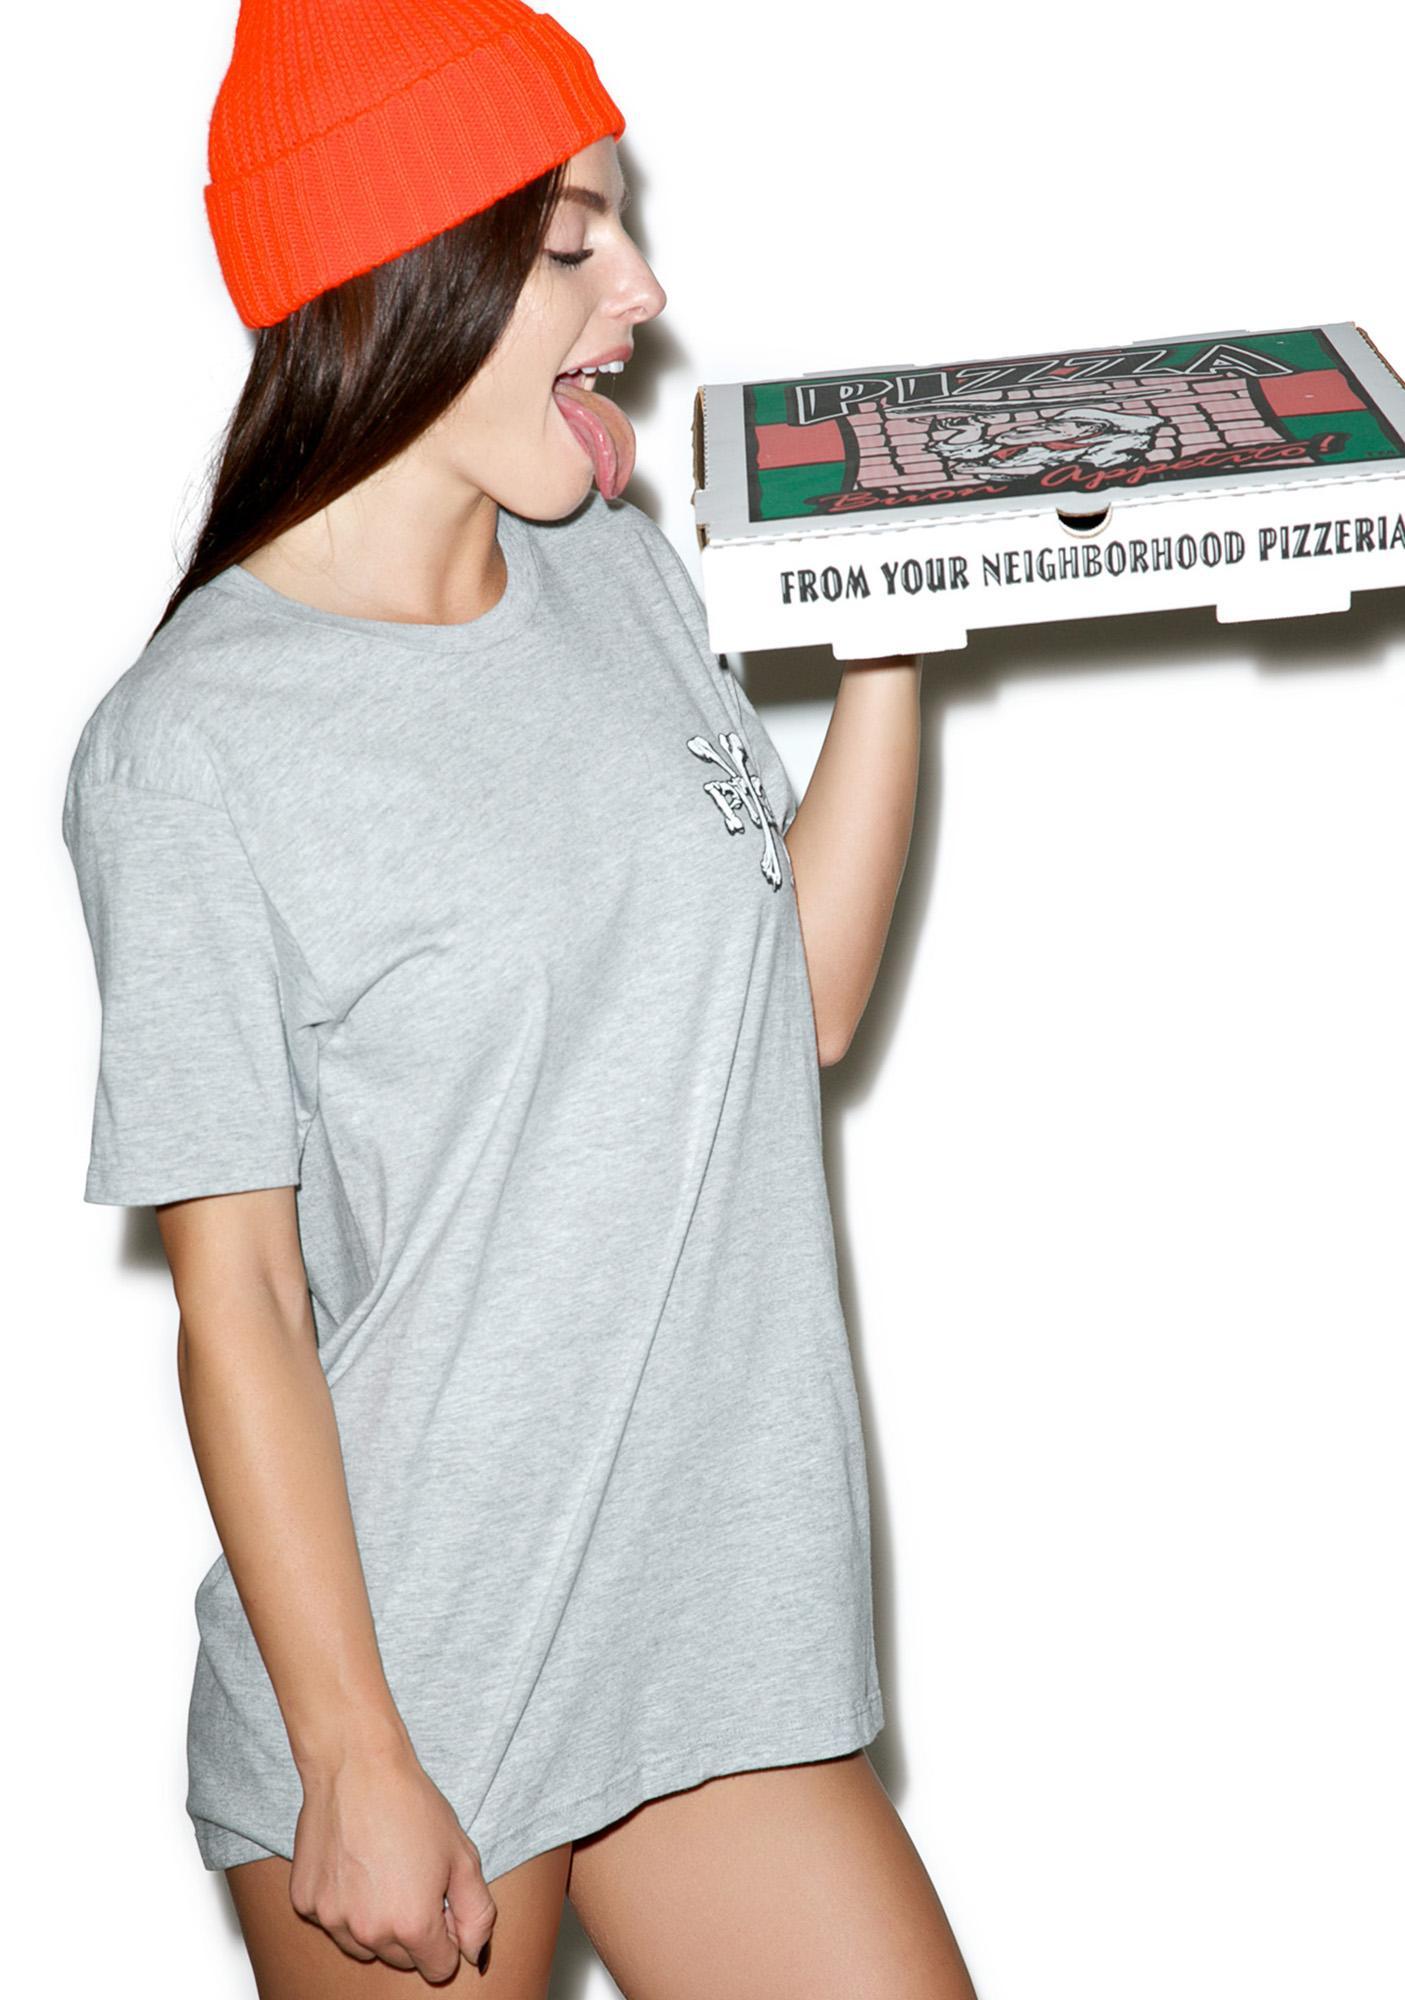 Pizzanista Crossbones Tee